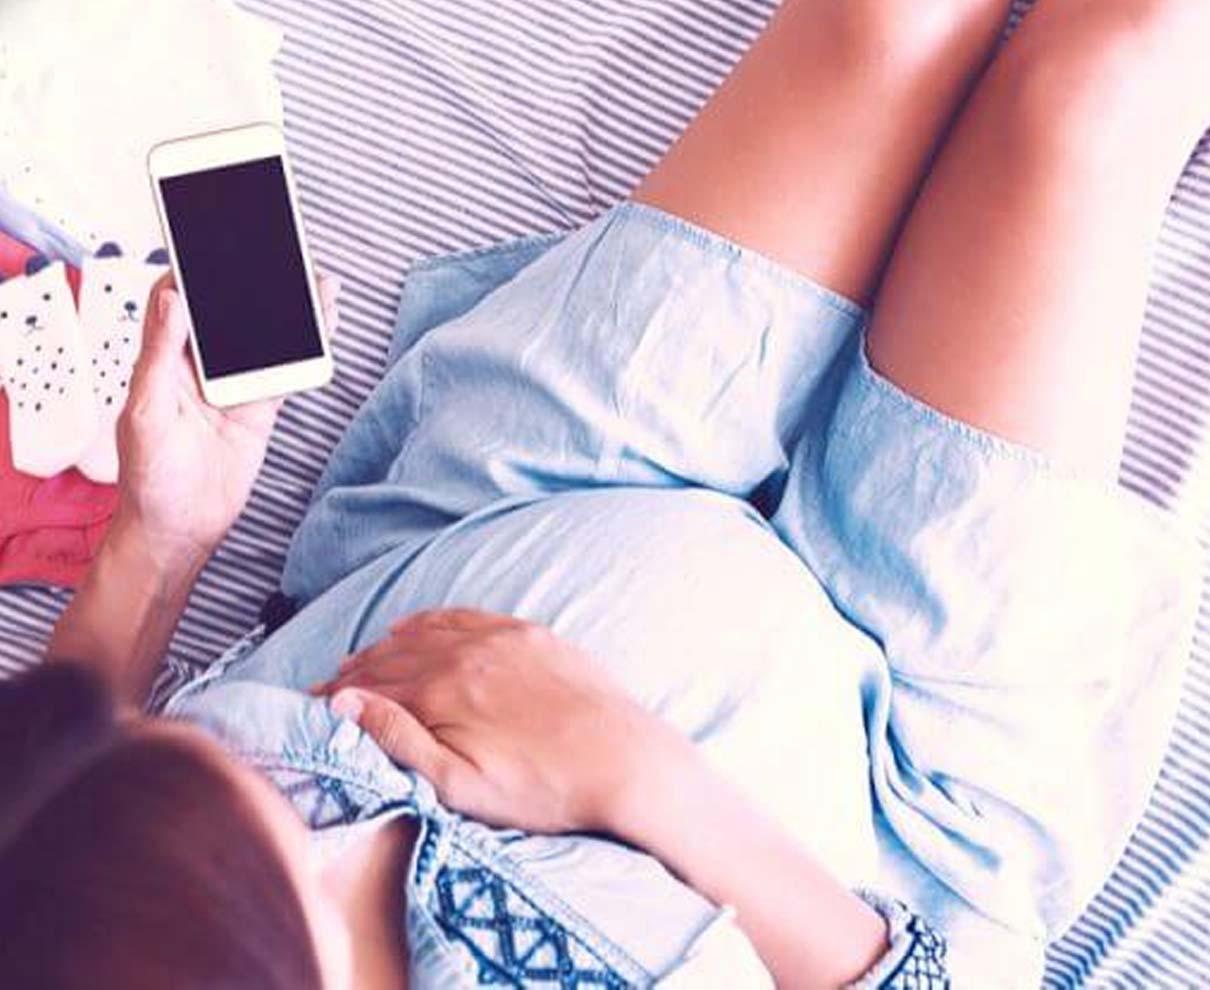 妊娠中に重宝するおすすめアプリ12選!快適なマタニティライフをお約束